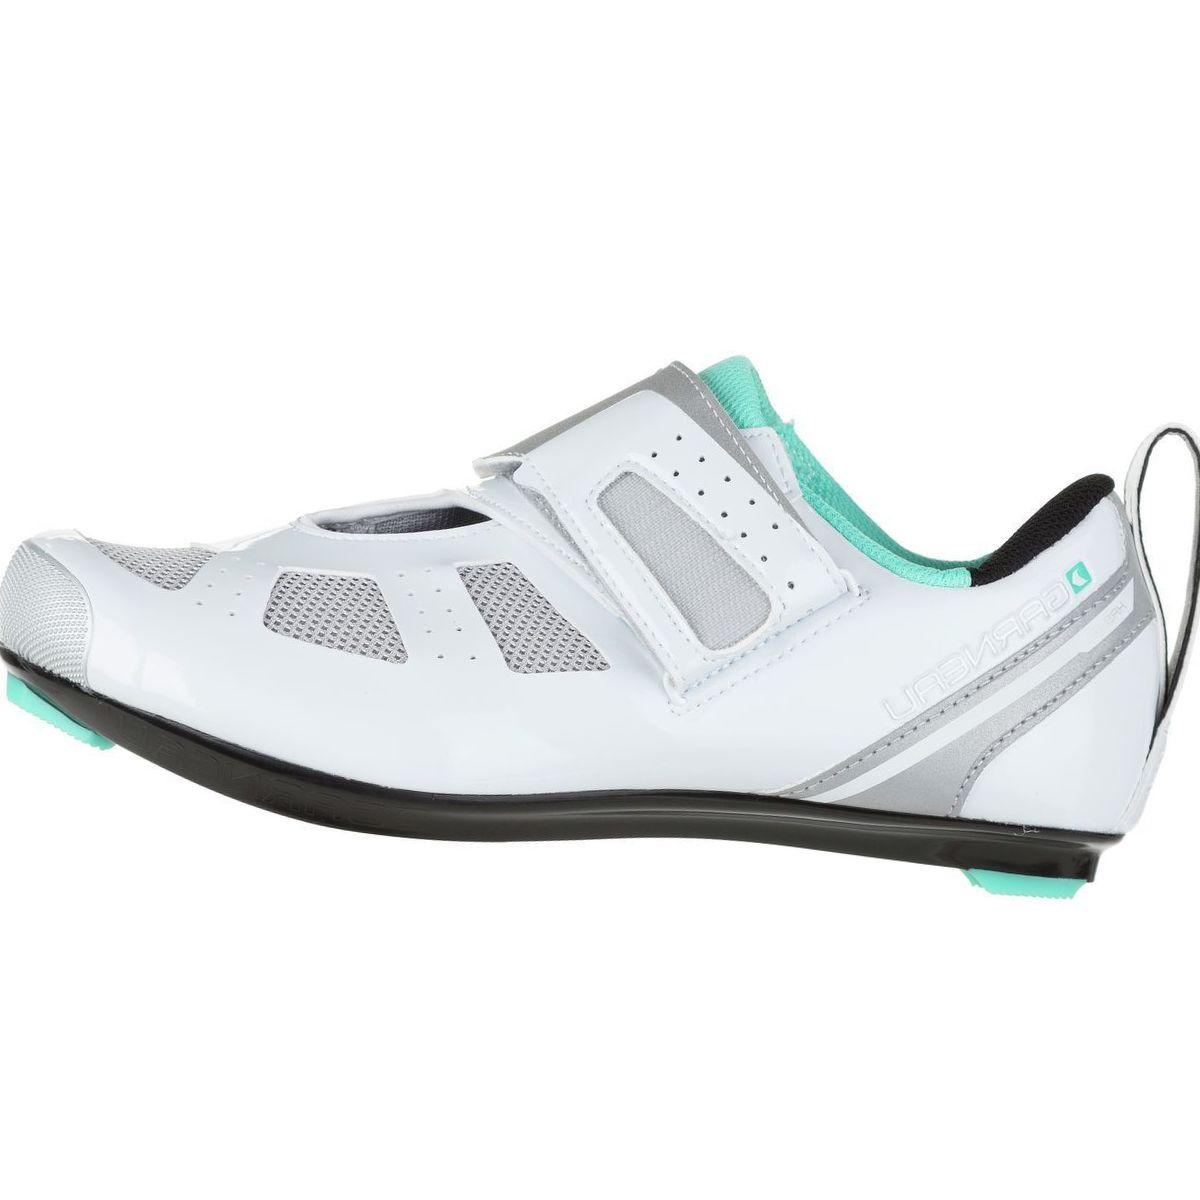 Louis Garneau Tri X-Speed III Shoe - Women's